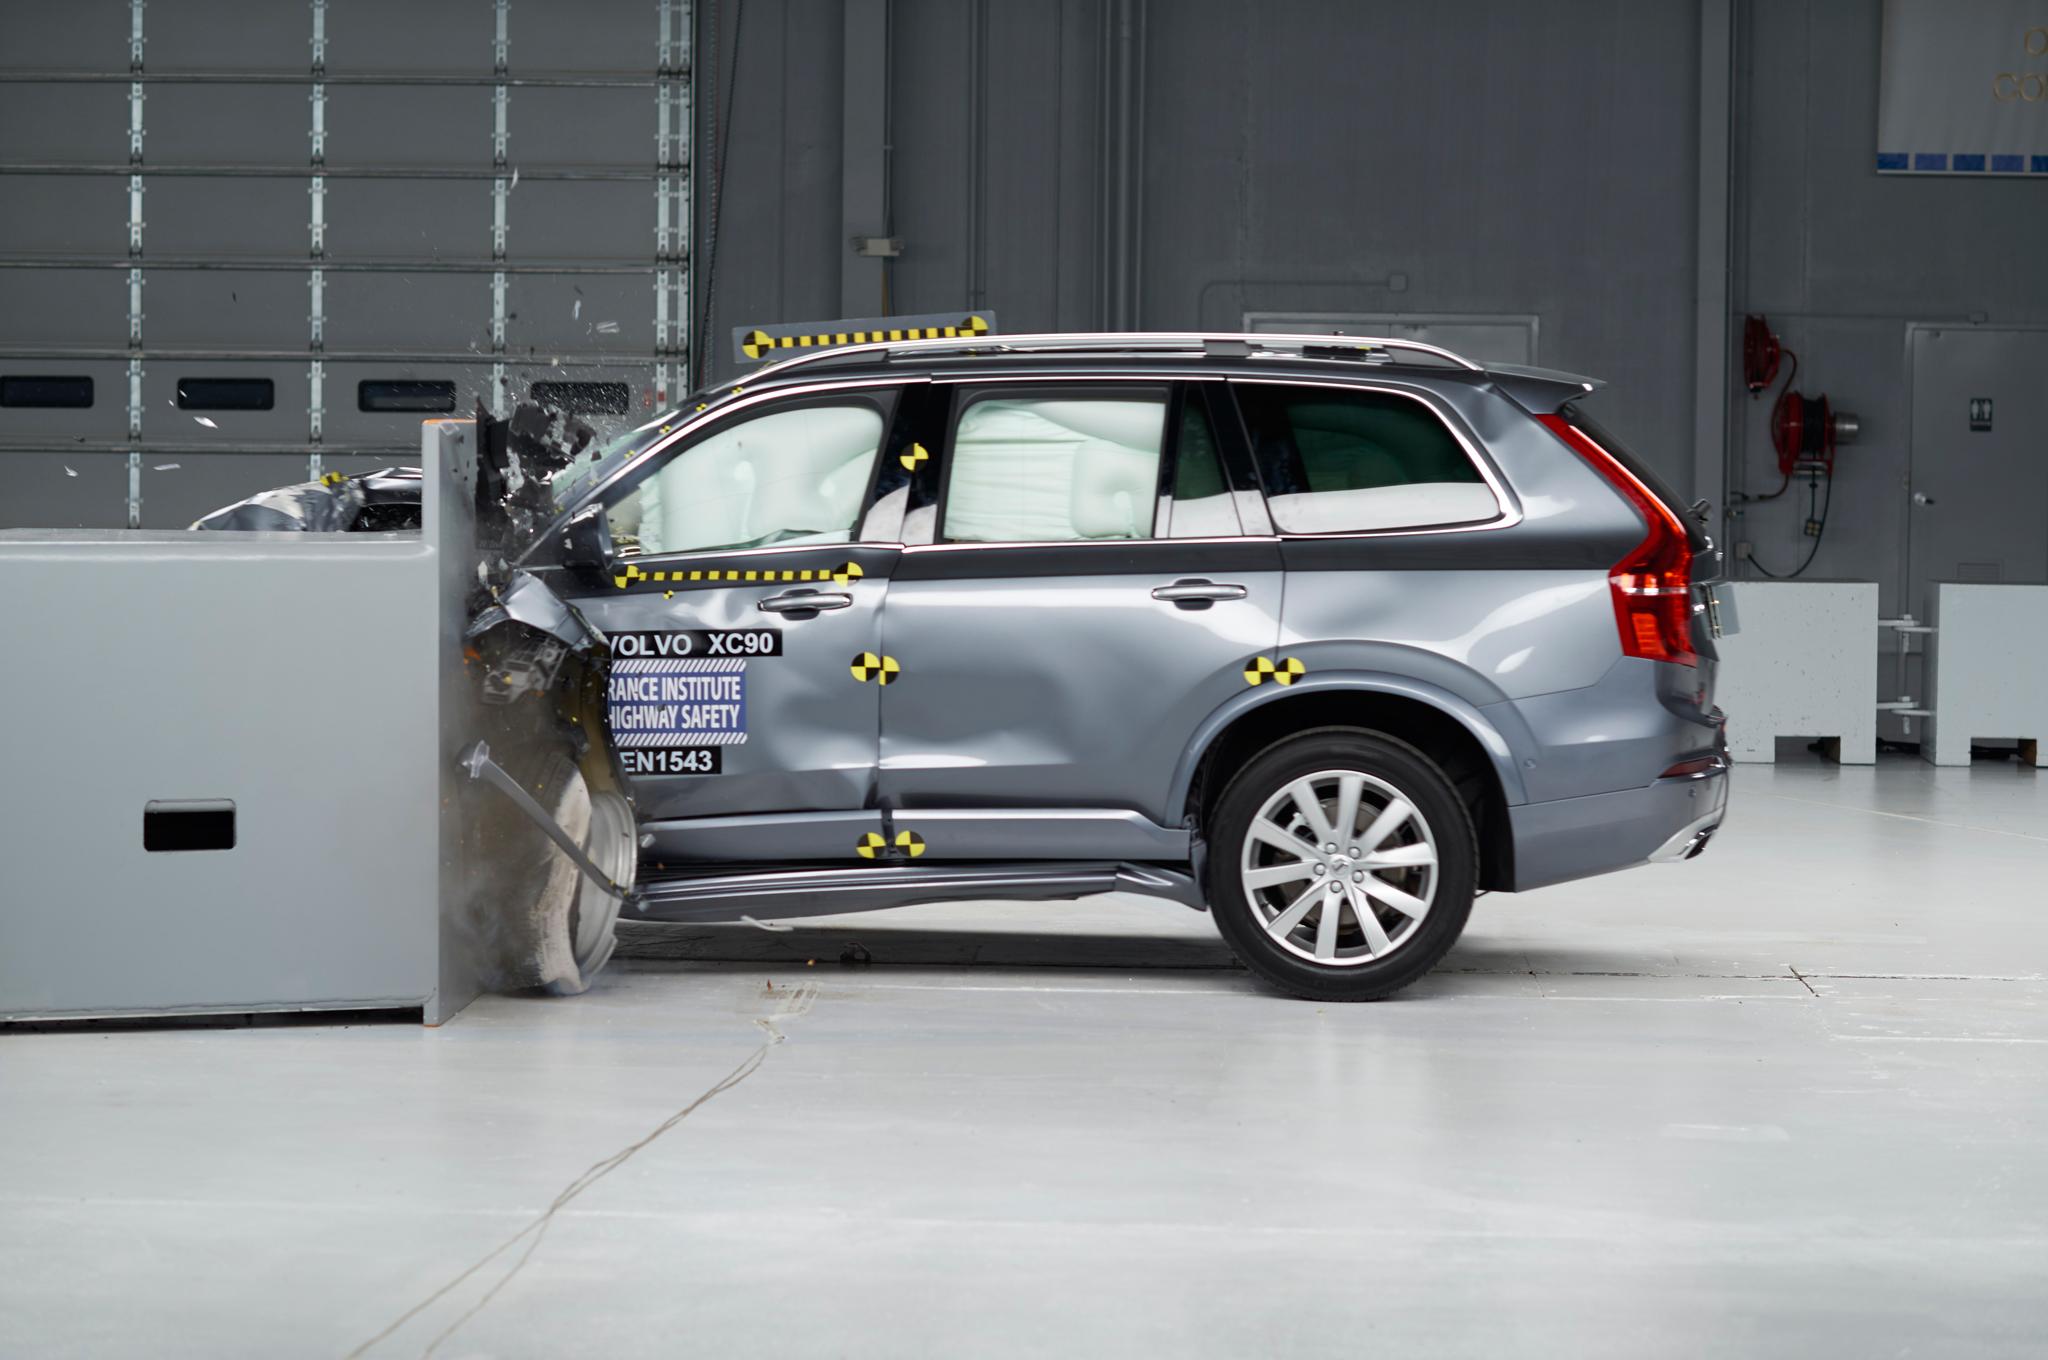 2016 Volvo XC90 IIHS Test